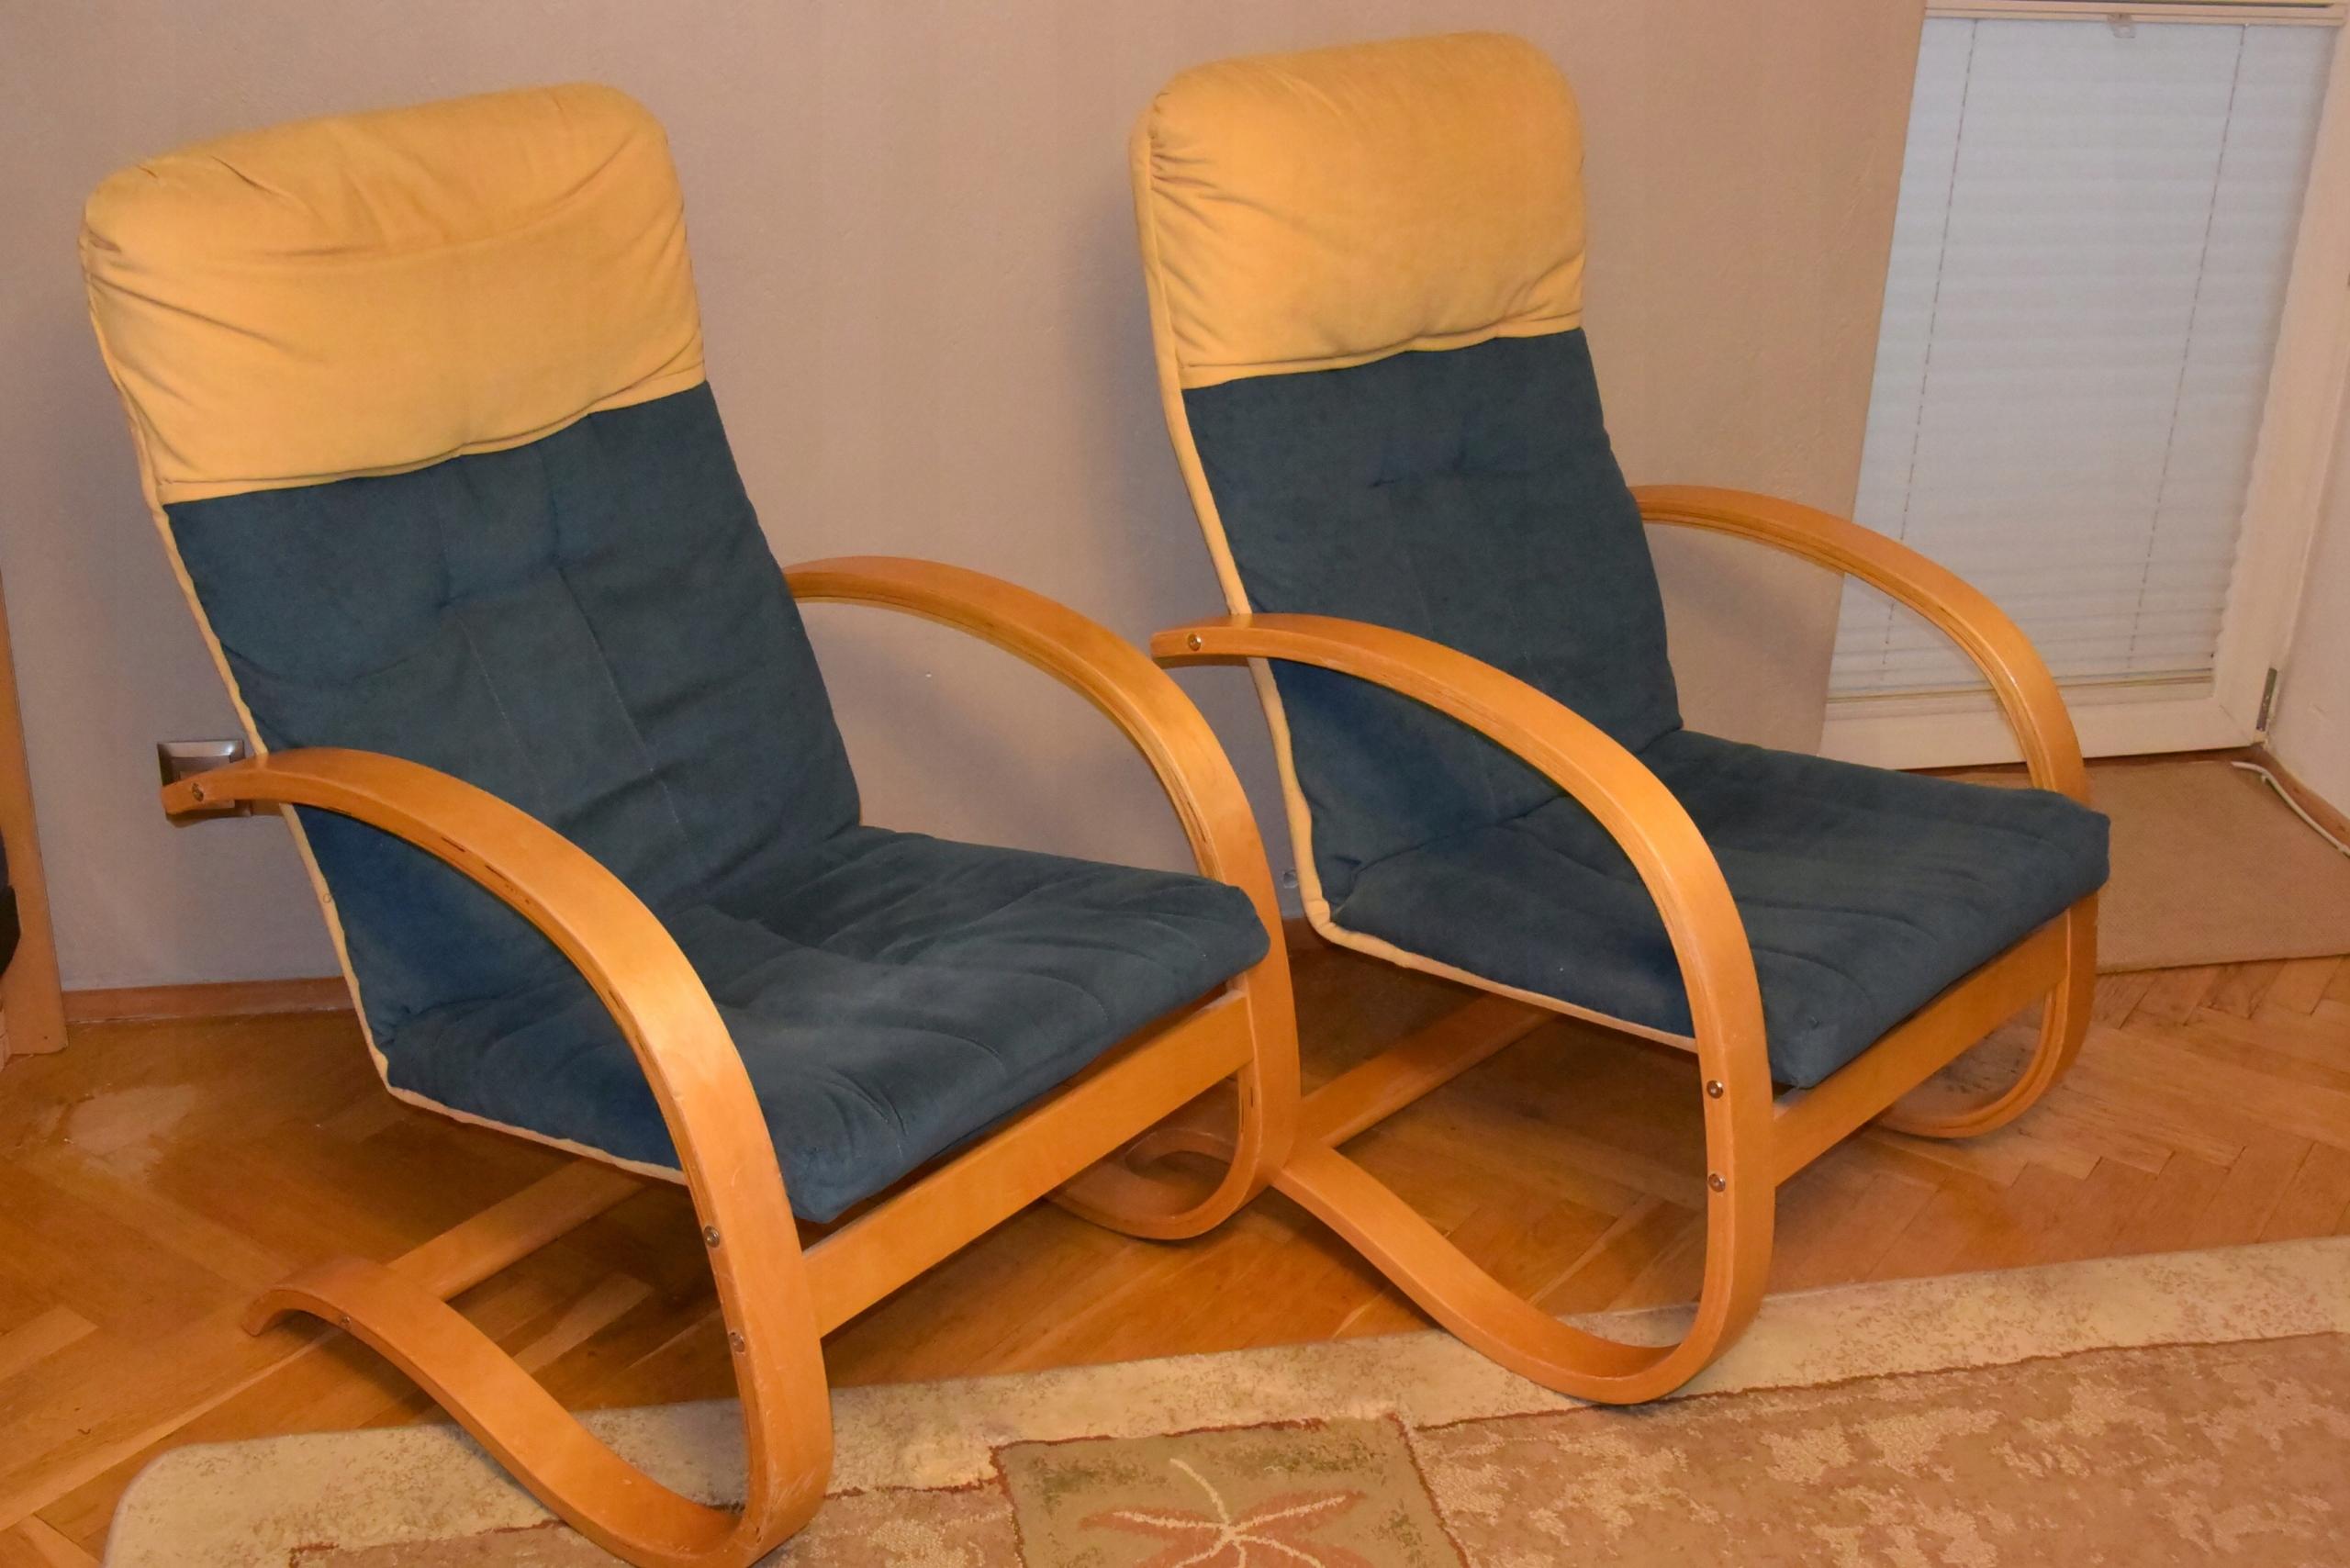 Rewelacyjne Dwa Fotele Meble Giete Pilne 7447189977 Oficjalne